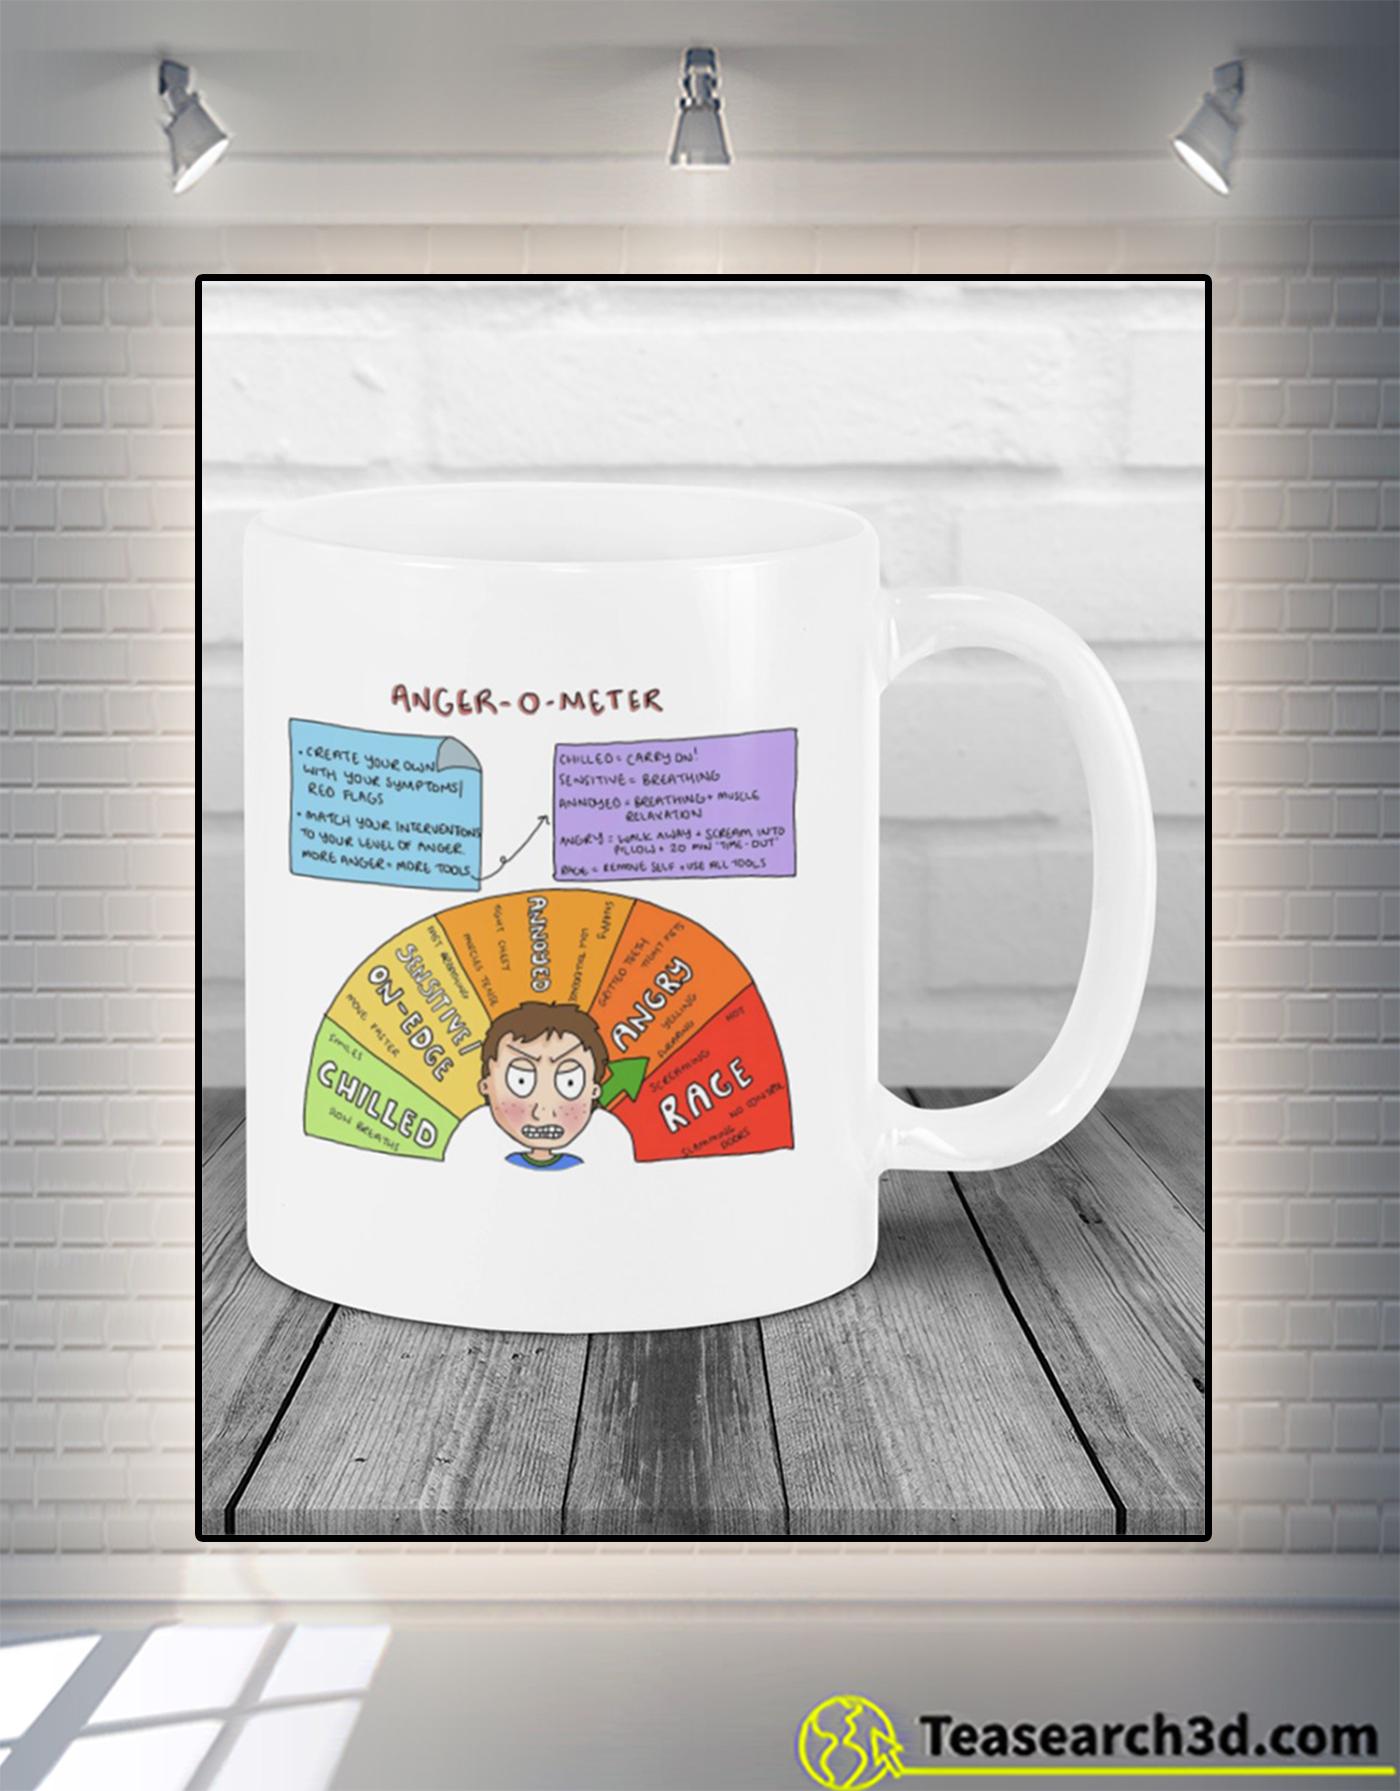 Anger-o-mter mug 2